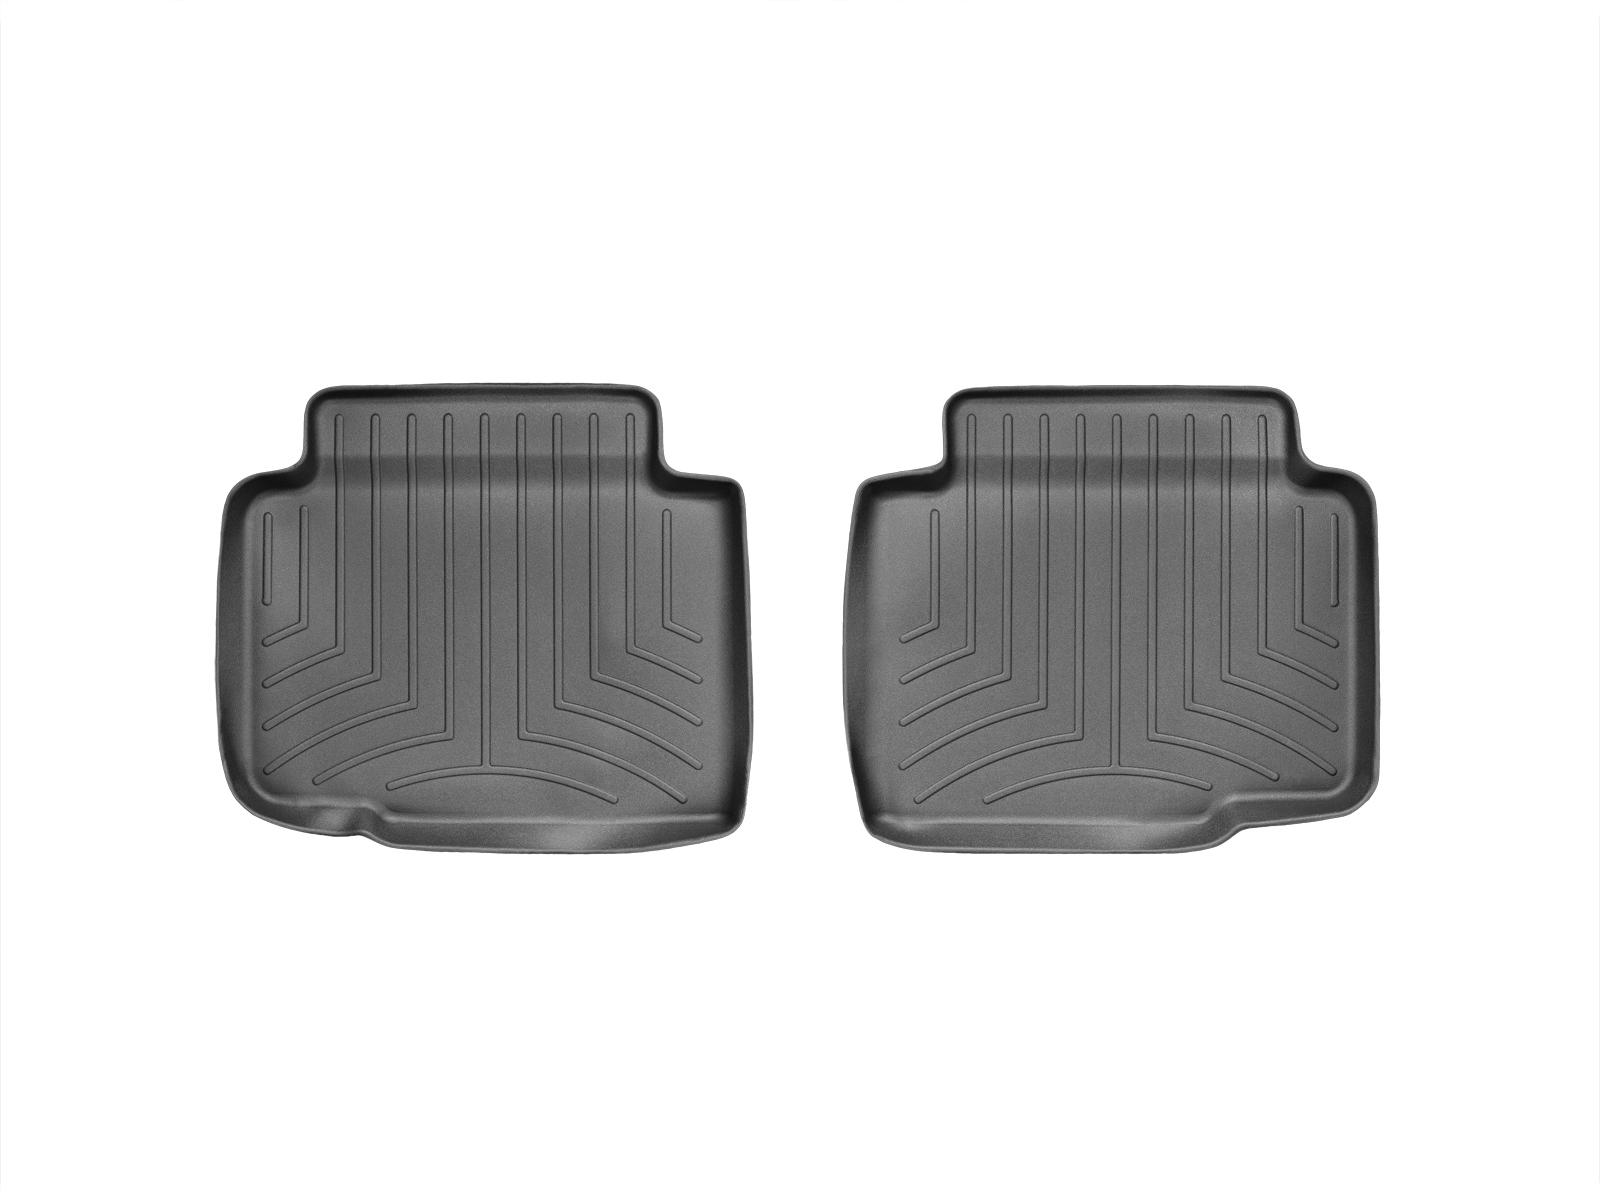 Tappeti gomma su misura bordo alto Chevrolet Impala Limited 14>16 Nero A141